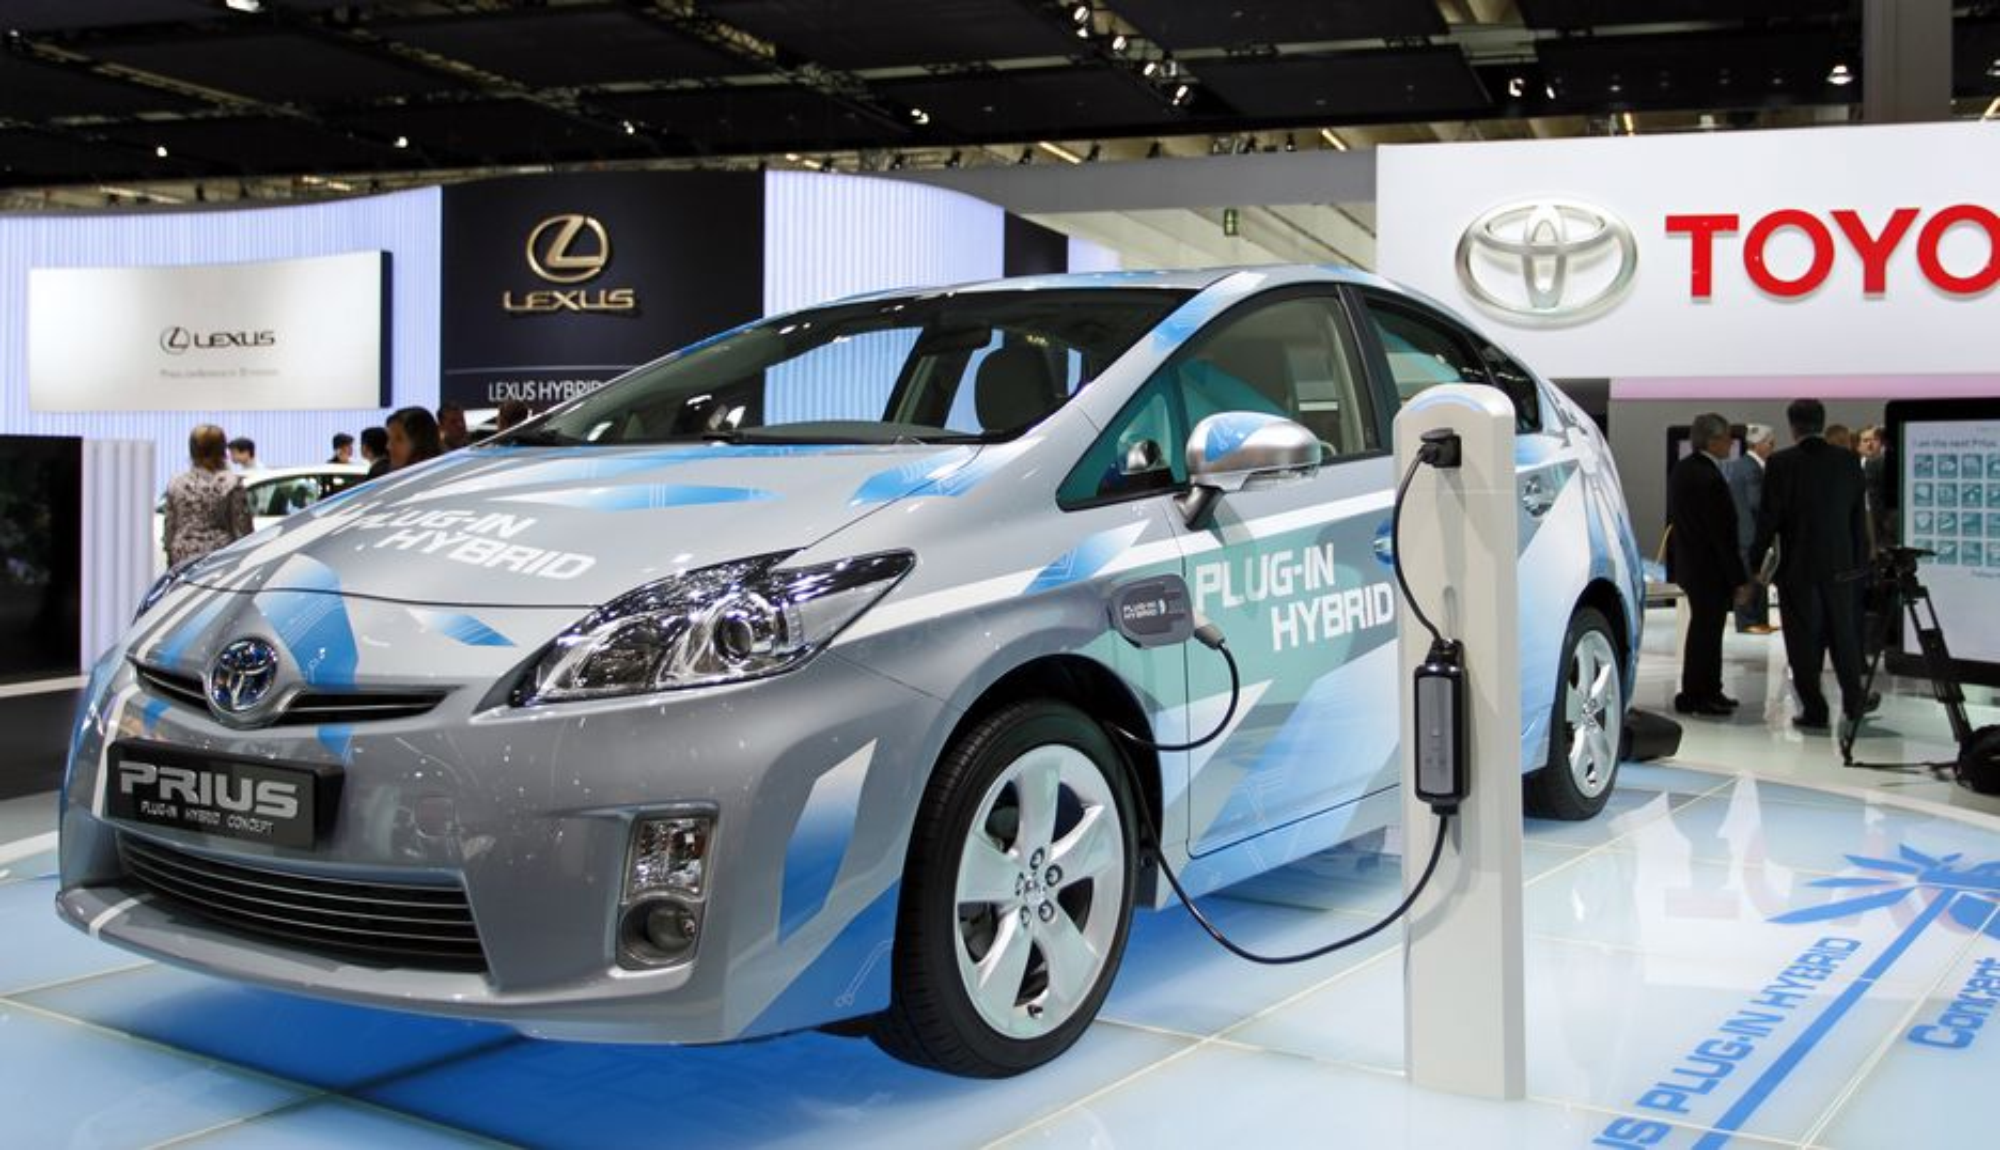 I god tid før Toyota ruller ut ladbare priuser på veiene, skal norske energiselskaper ha på plass forretningsmodeller for elbillading.